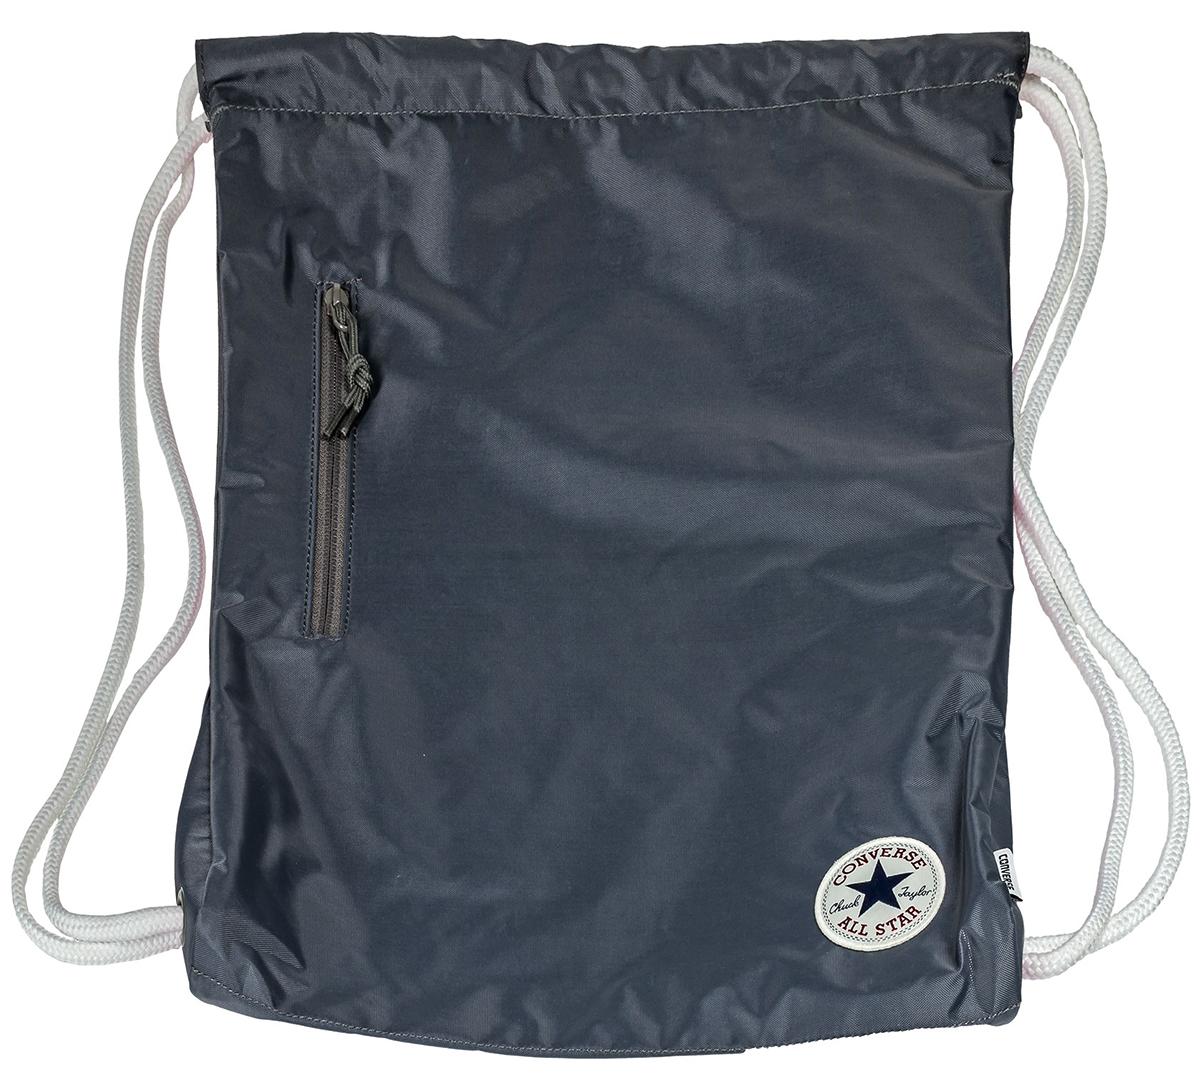 Рюкзак Converse, цвет: серый. 1000334001010003340010Спортивный рюкзак Converse выполнен из текстиля. Модель с одним отделением на затягивающемся шнурке и тонких лямках.